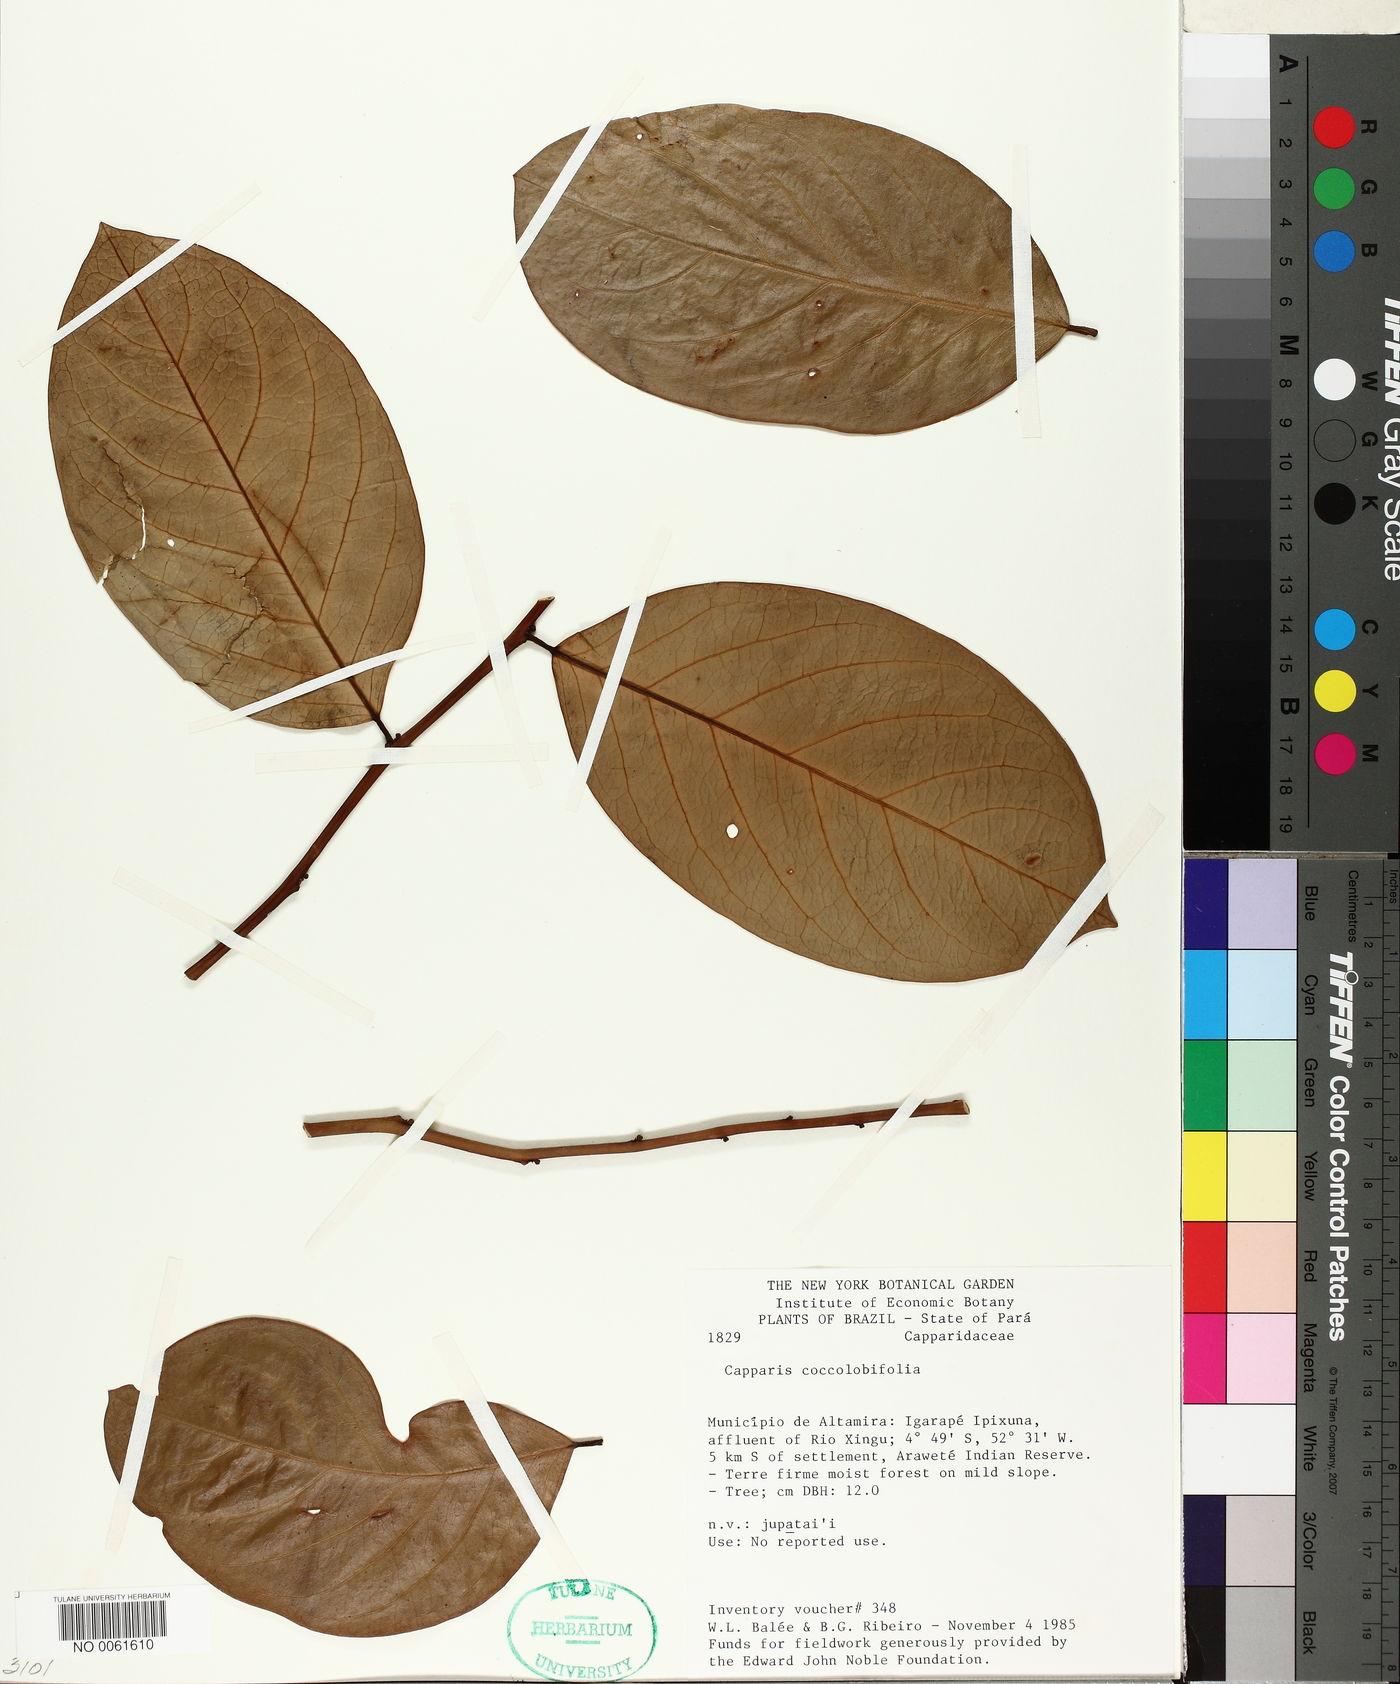 Capparis coccolobifolia image